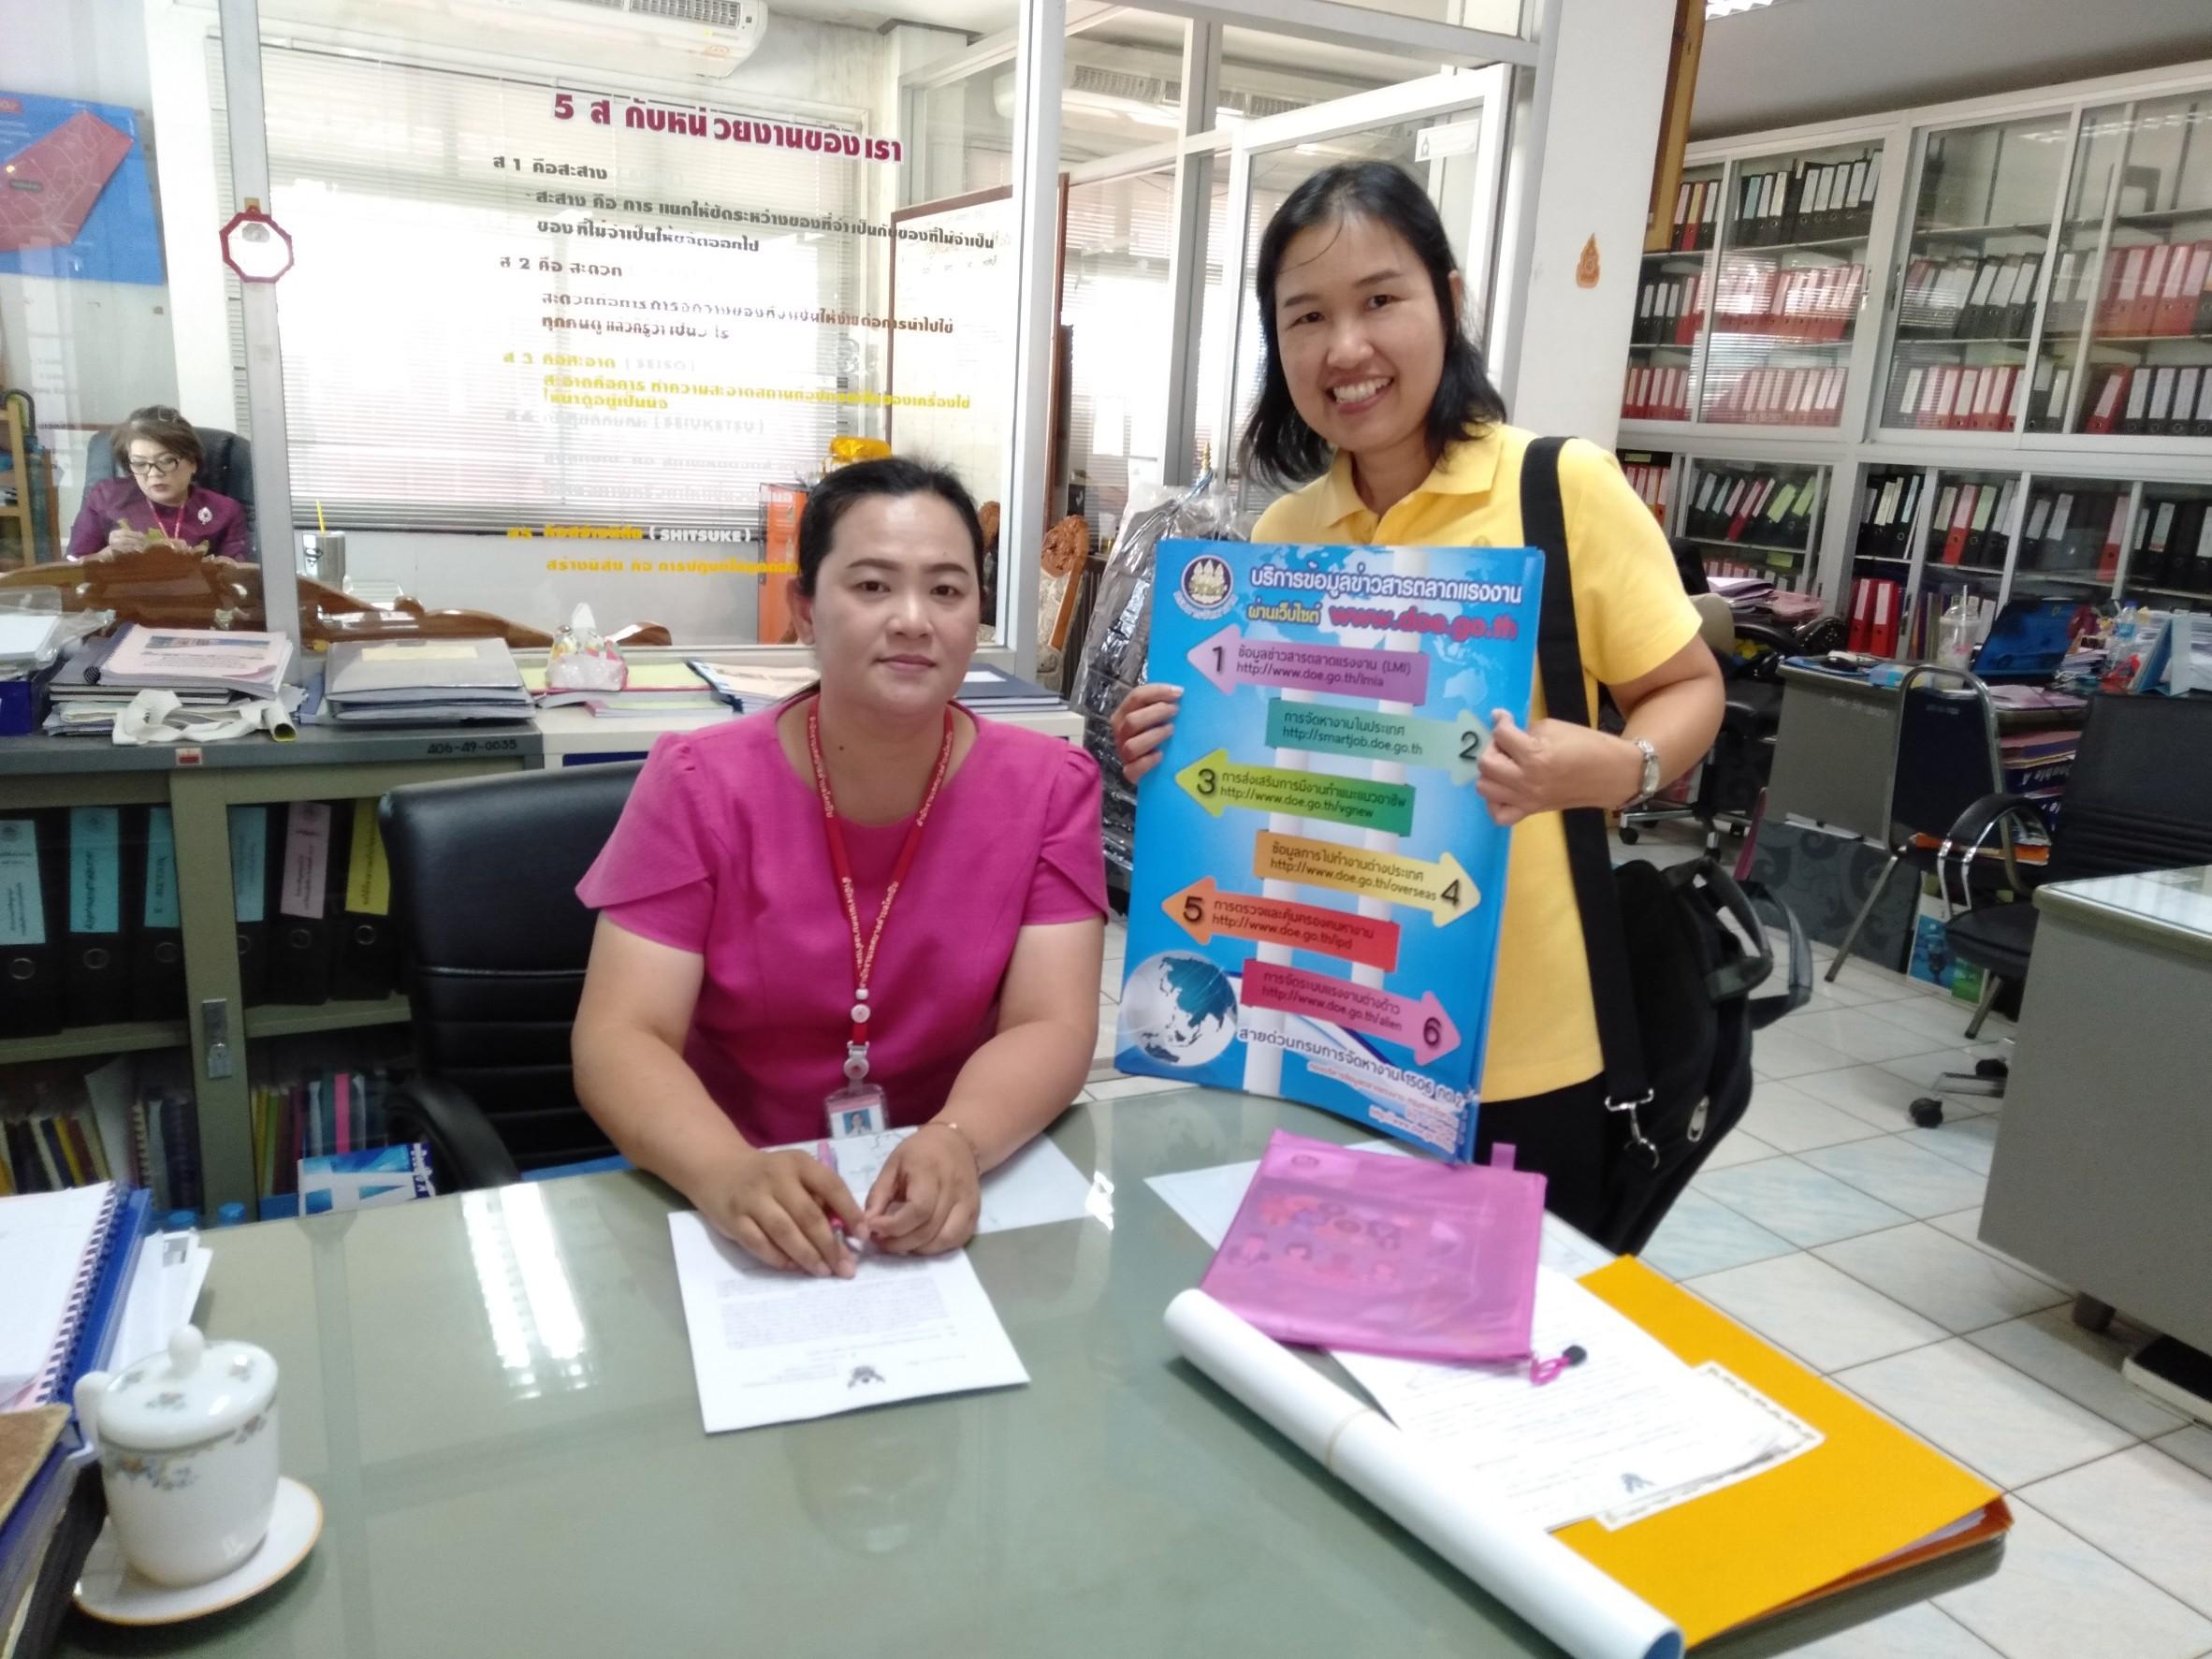 โครงการขยายเครือข่ายข้อมูลข่าวสารตลาดแรงงานสู่ตำบล หมู่บ้าน (ปีงบประมาณ 2562) พื้นที่ จ.ปราจีนบุรี